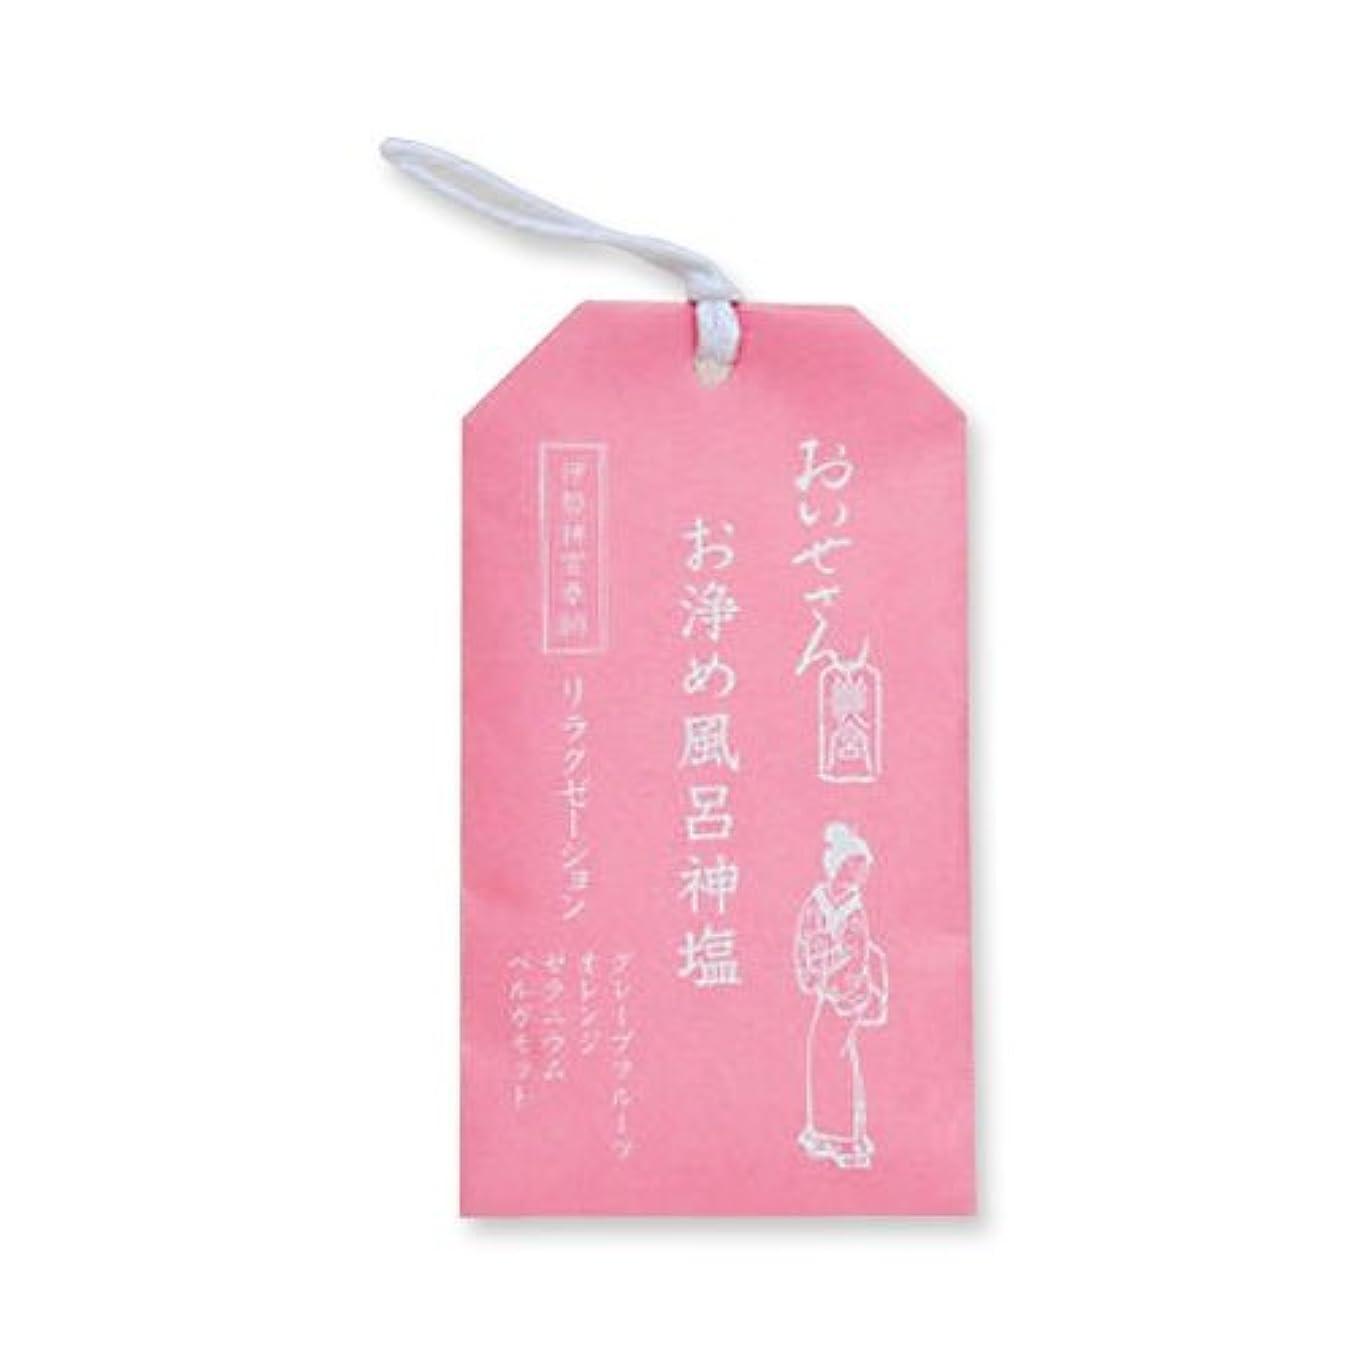 無視びっくりするすべきおいせさん お浄め風呂神塩 バス用ソルト(リラクゼーション) 20g